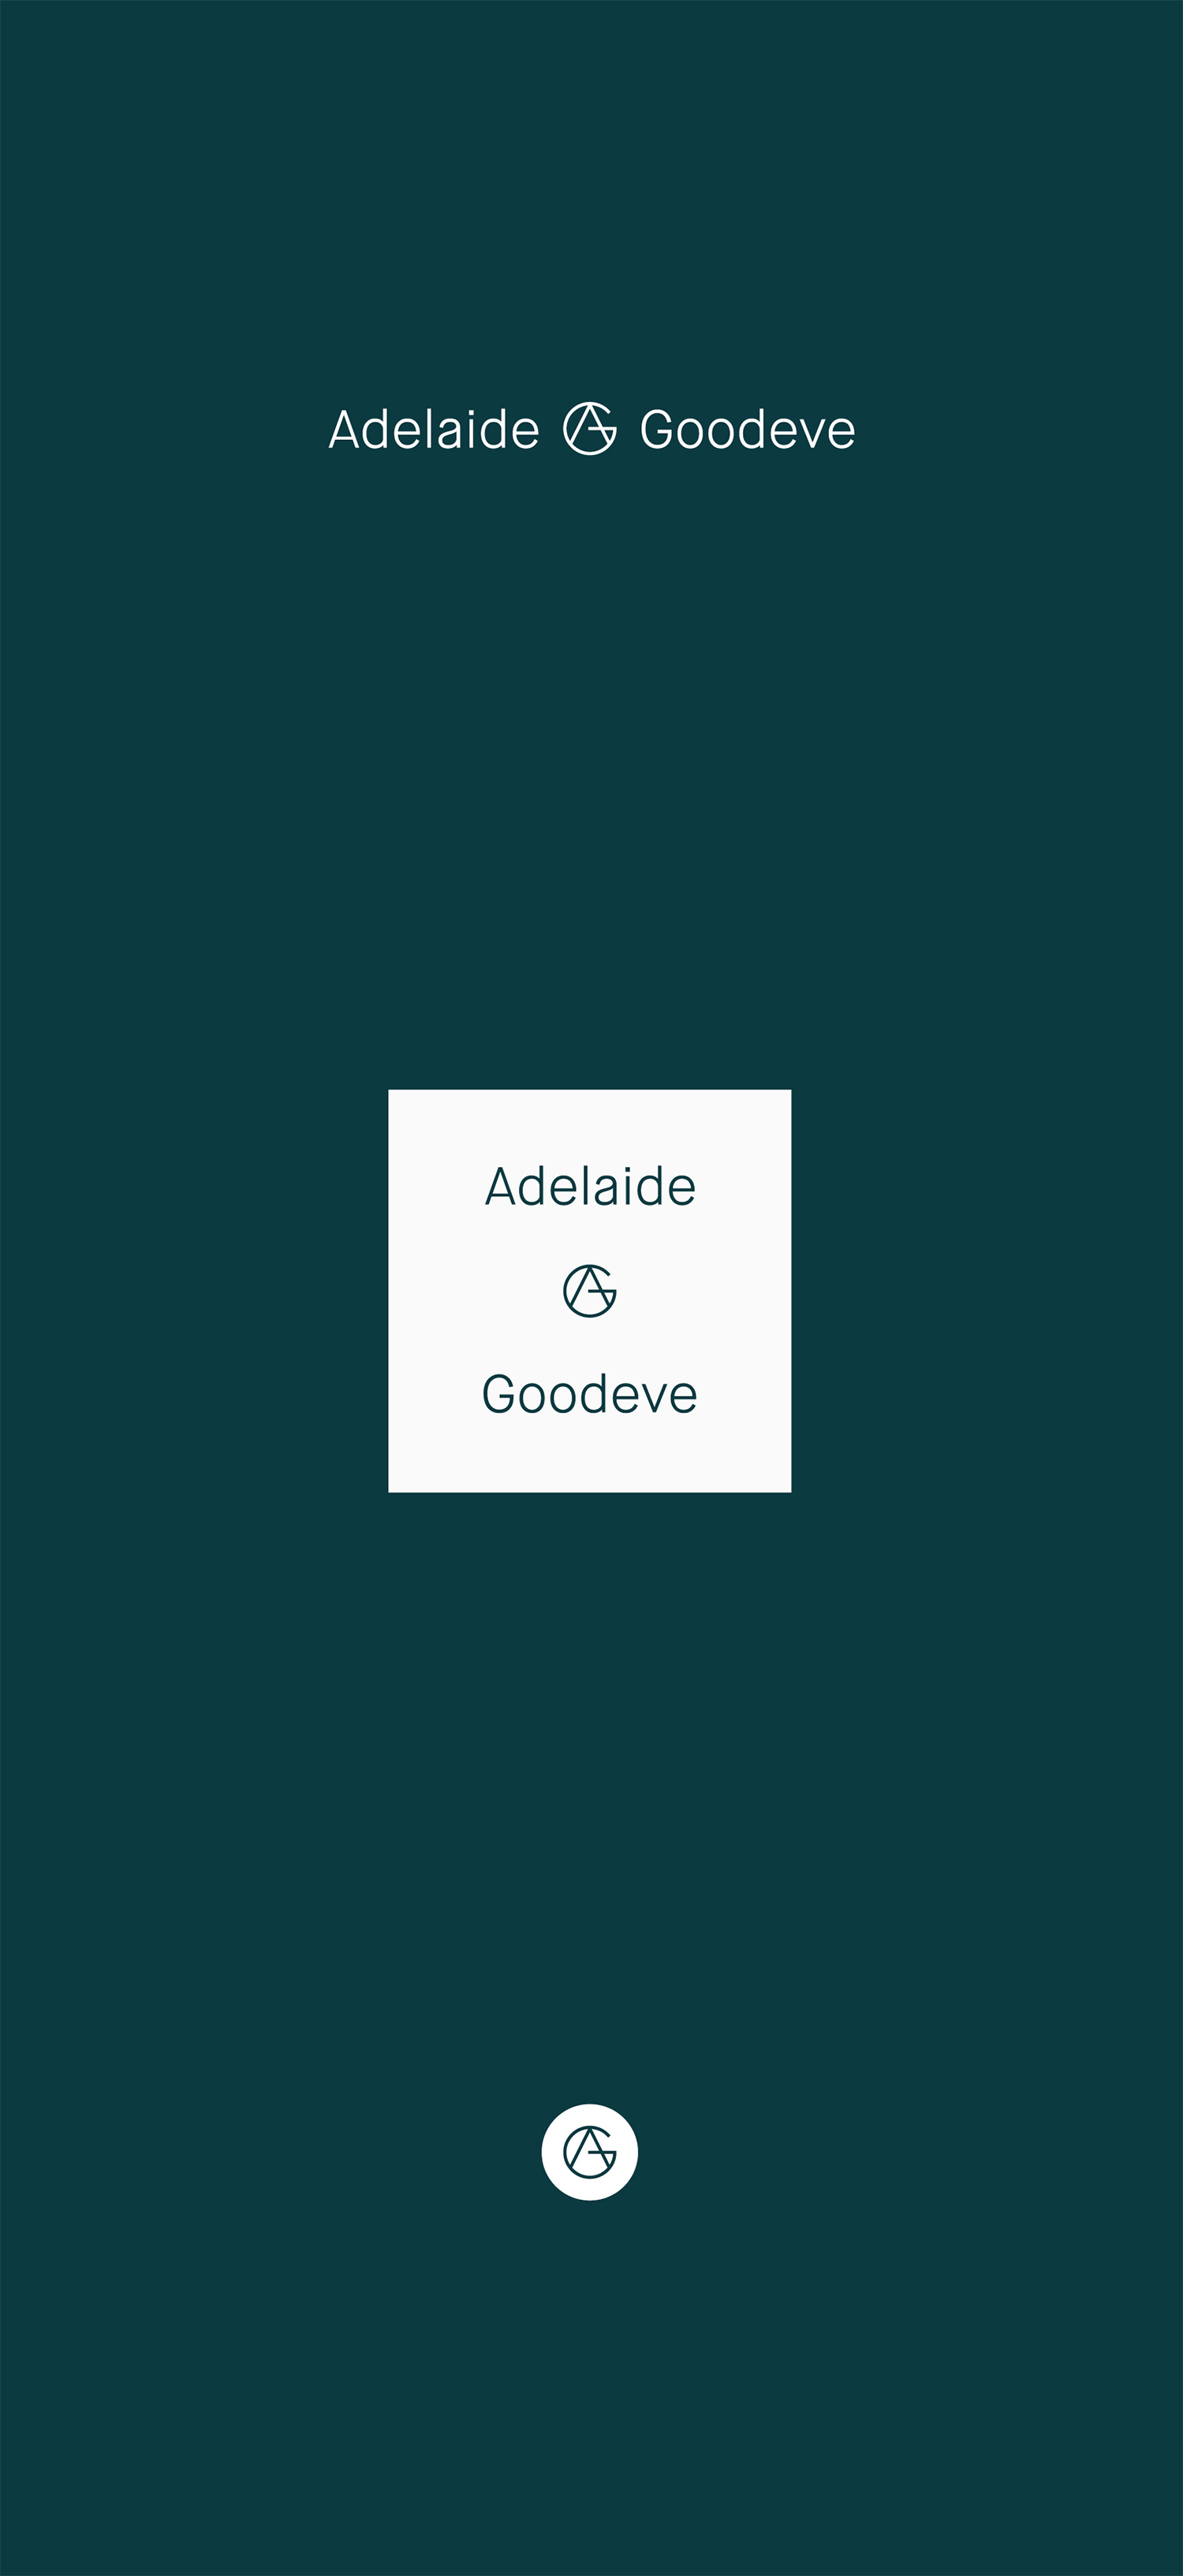 adelaide-goodeve-personal-brand-03.jpg